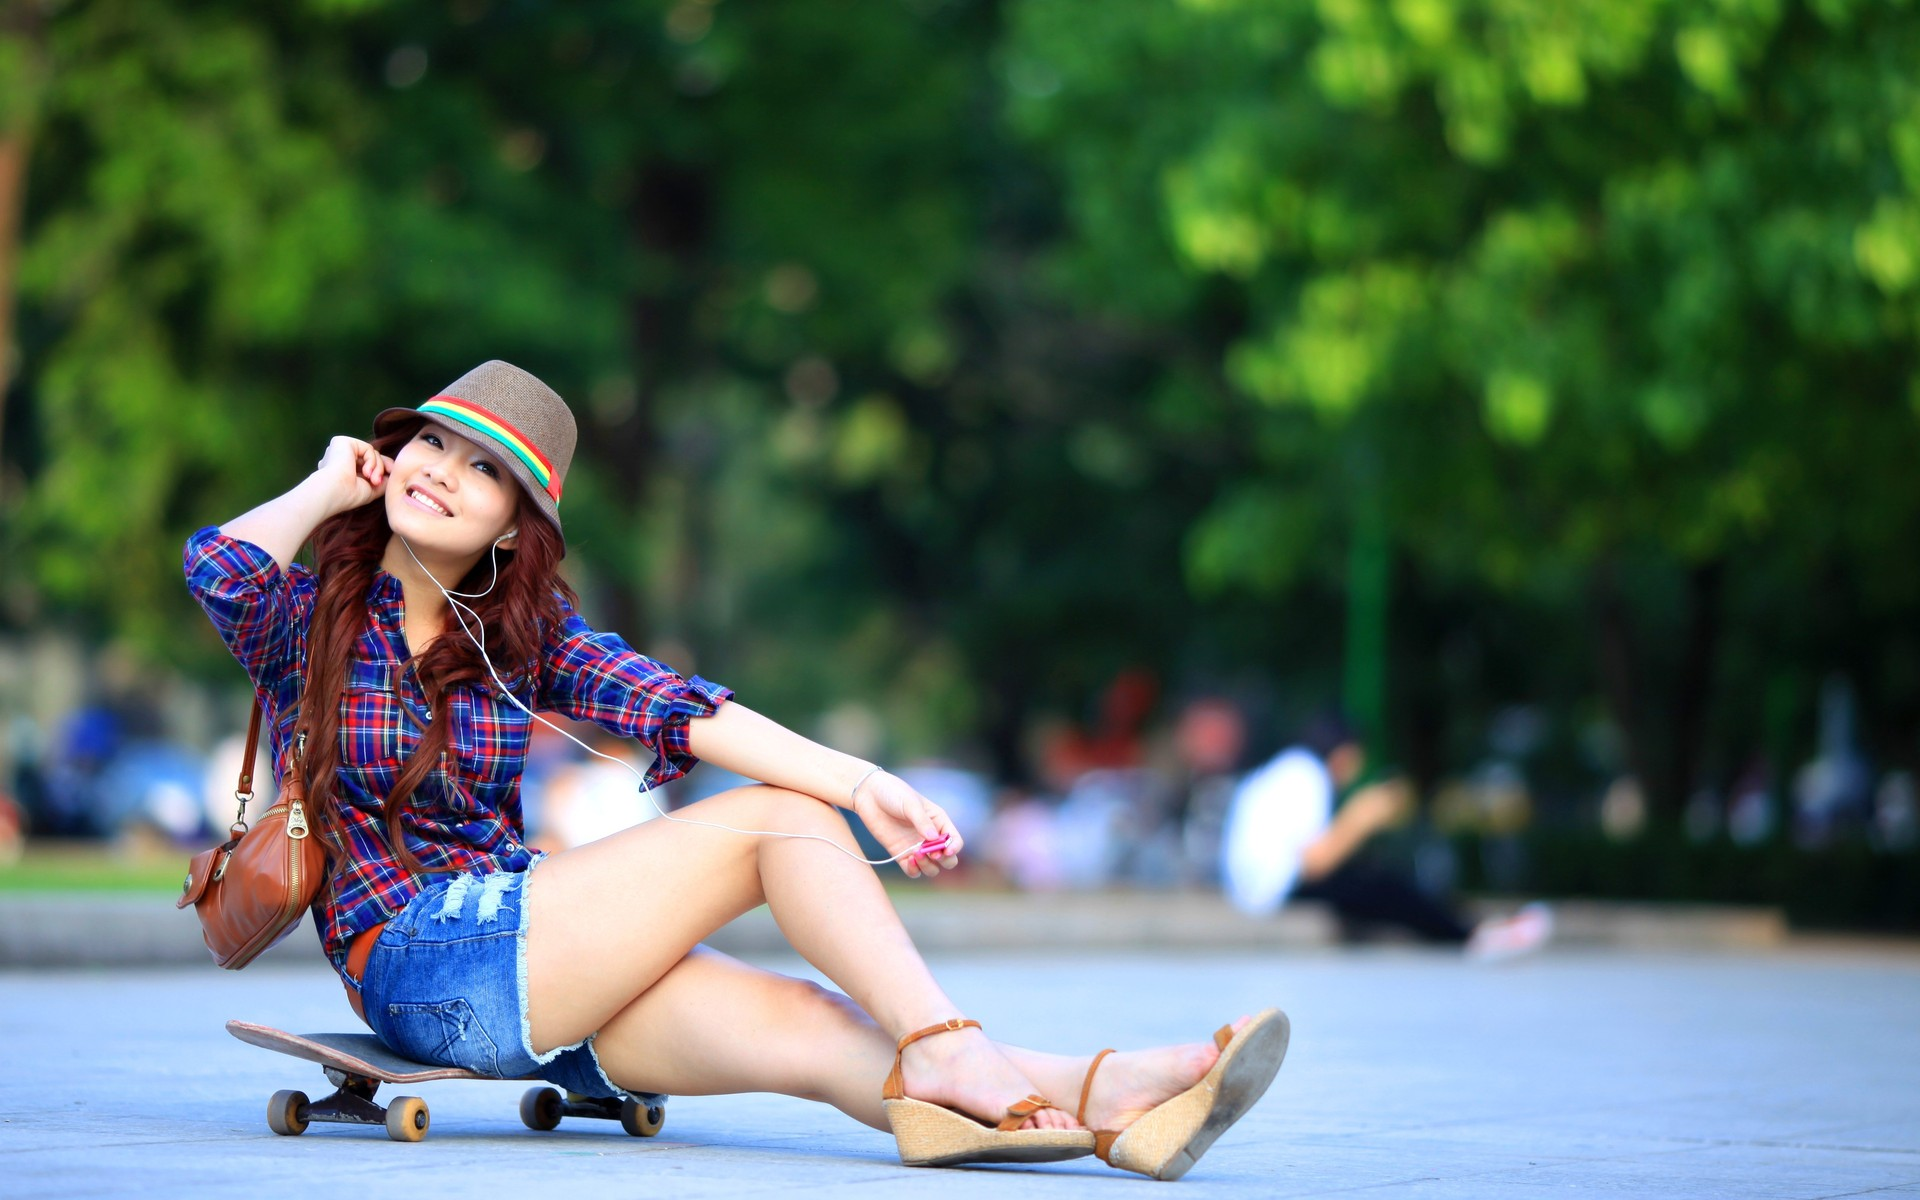 Asiática en Skate - 1920x1200